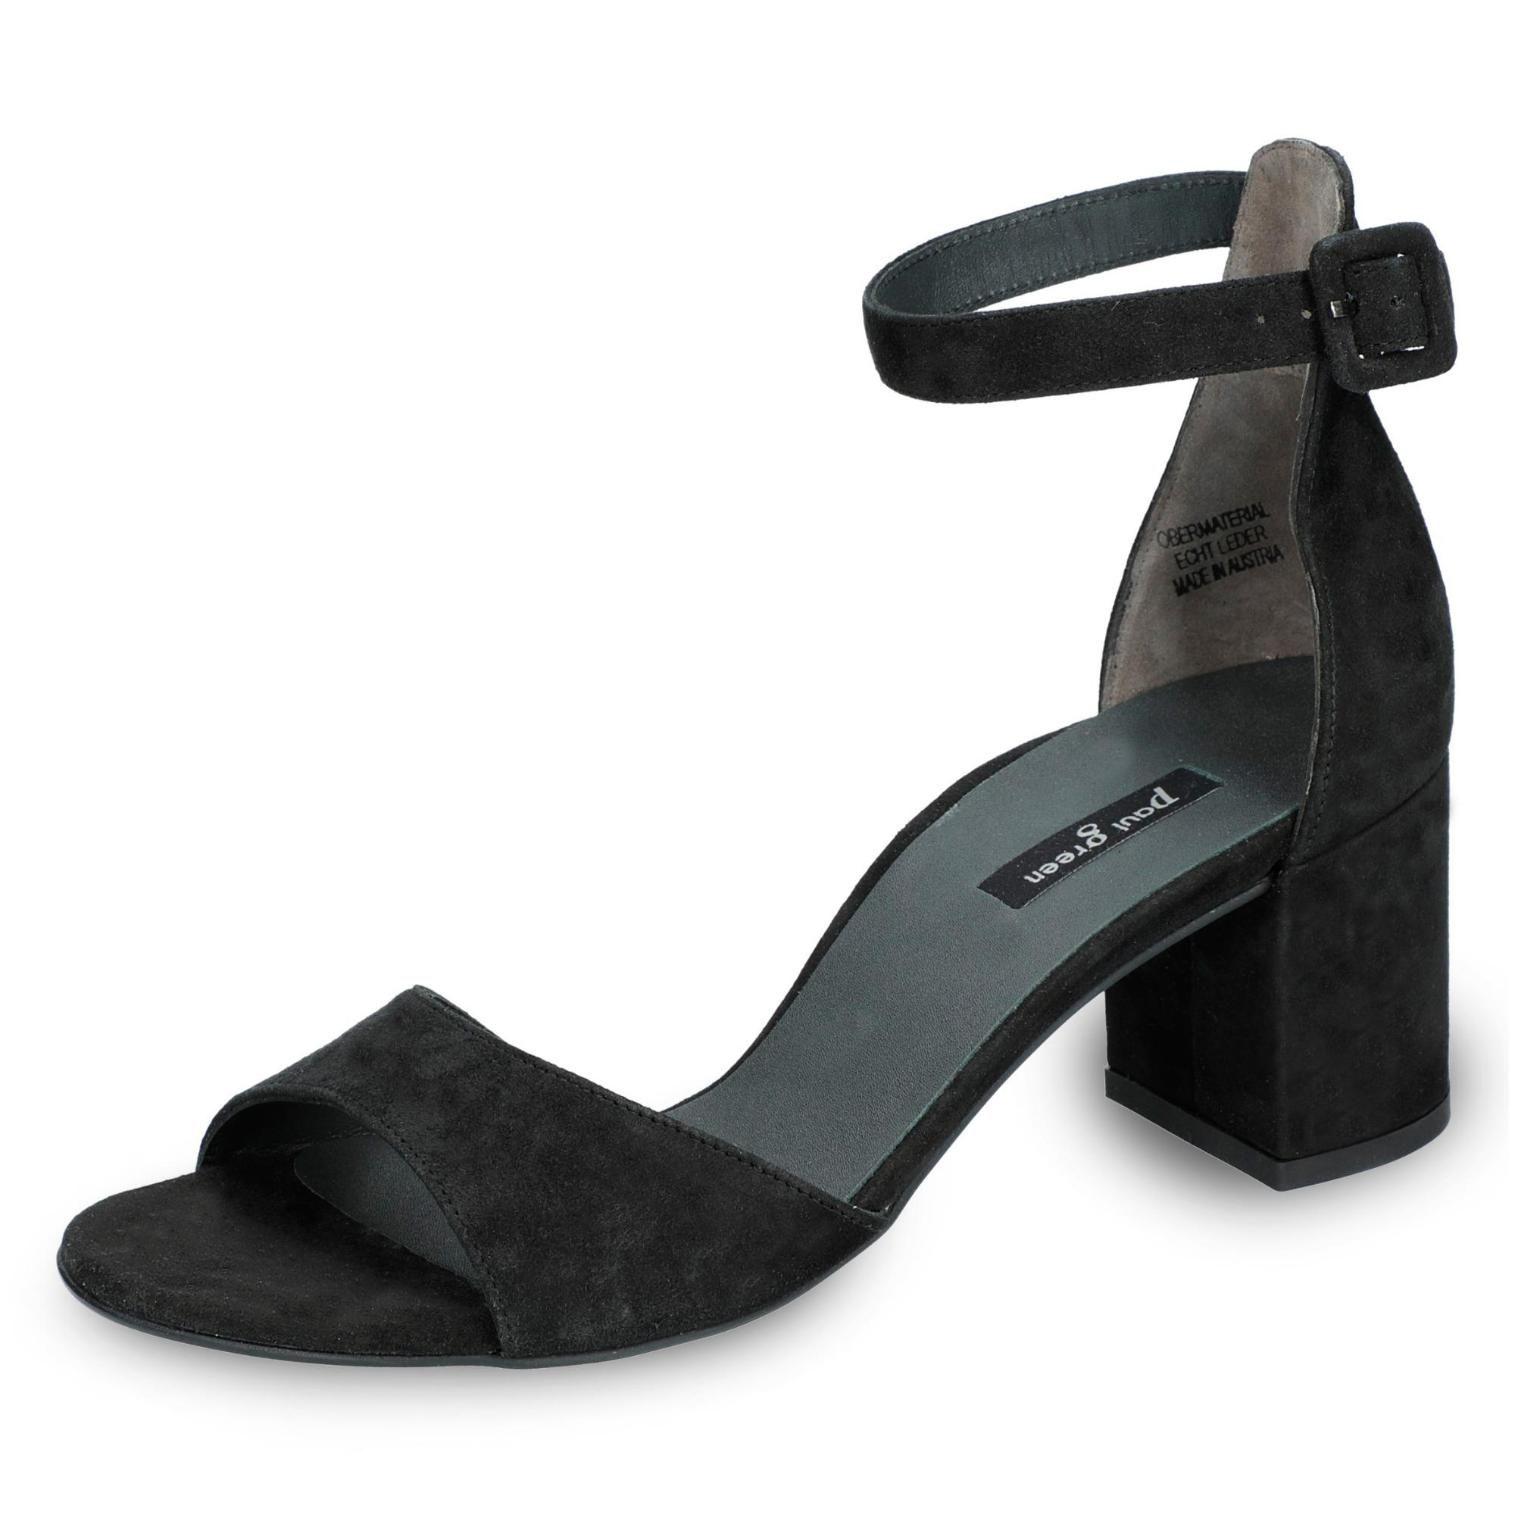 Paul Green Sandalette | Schuhe in 2019 | Paul green schuhe